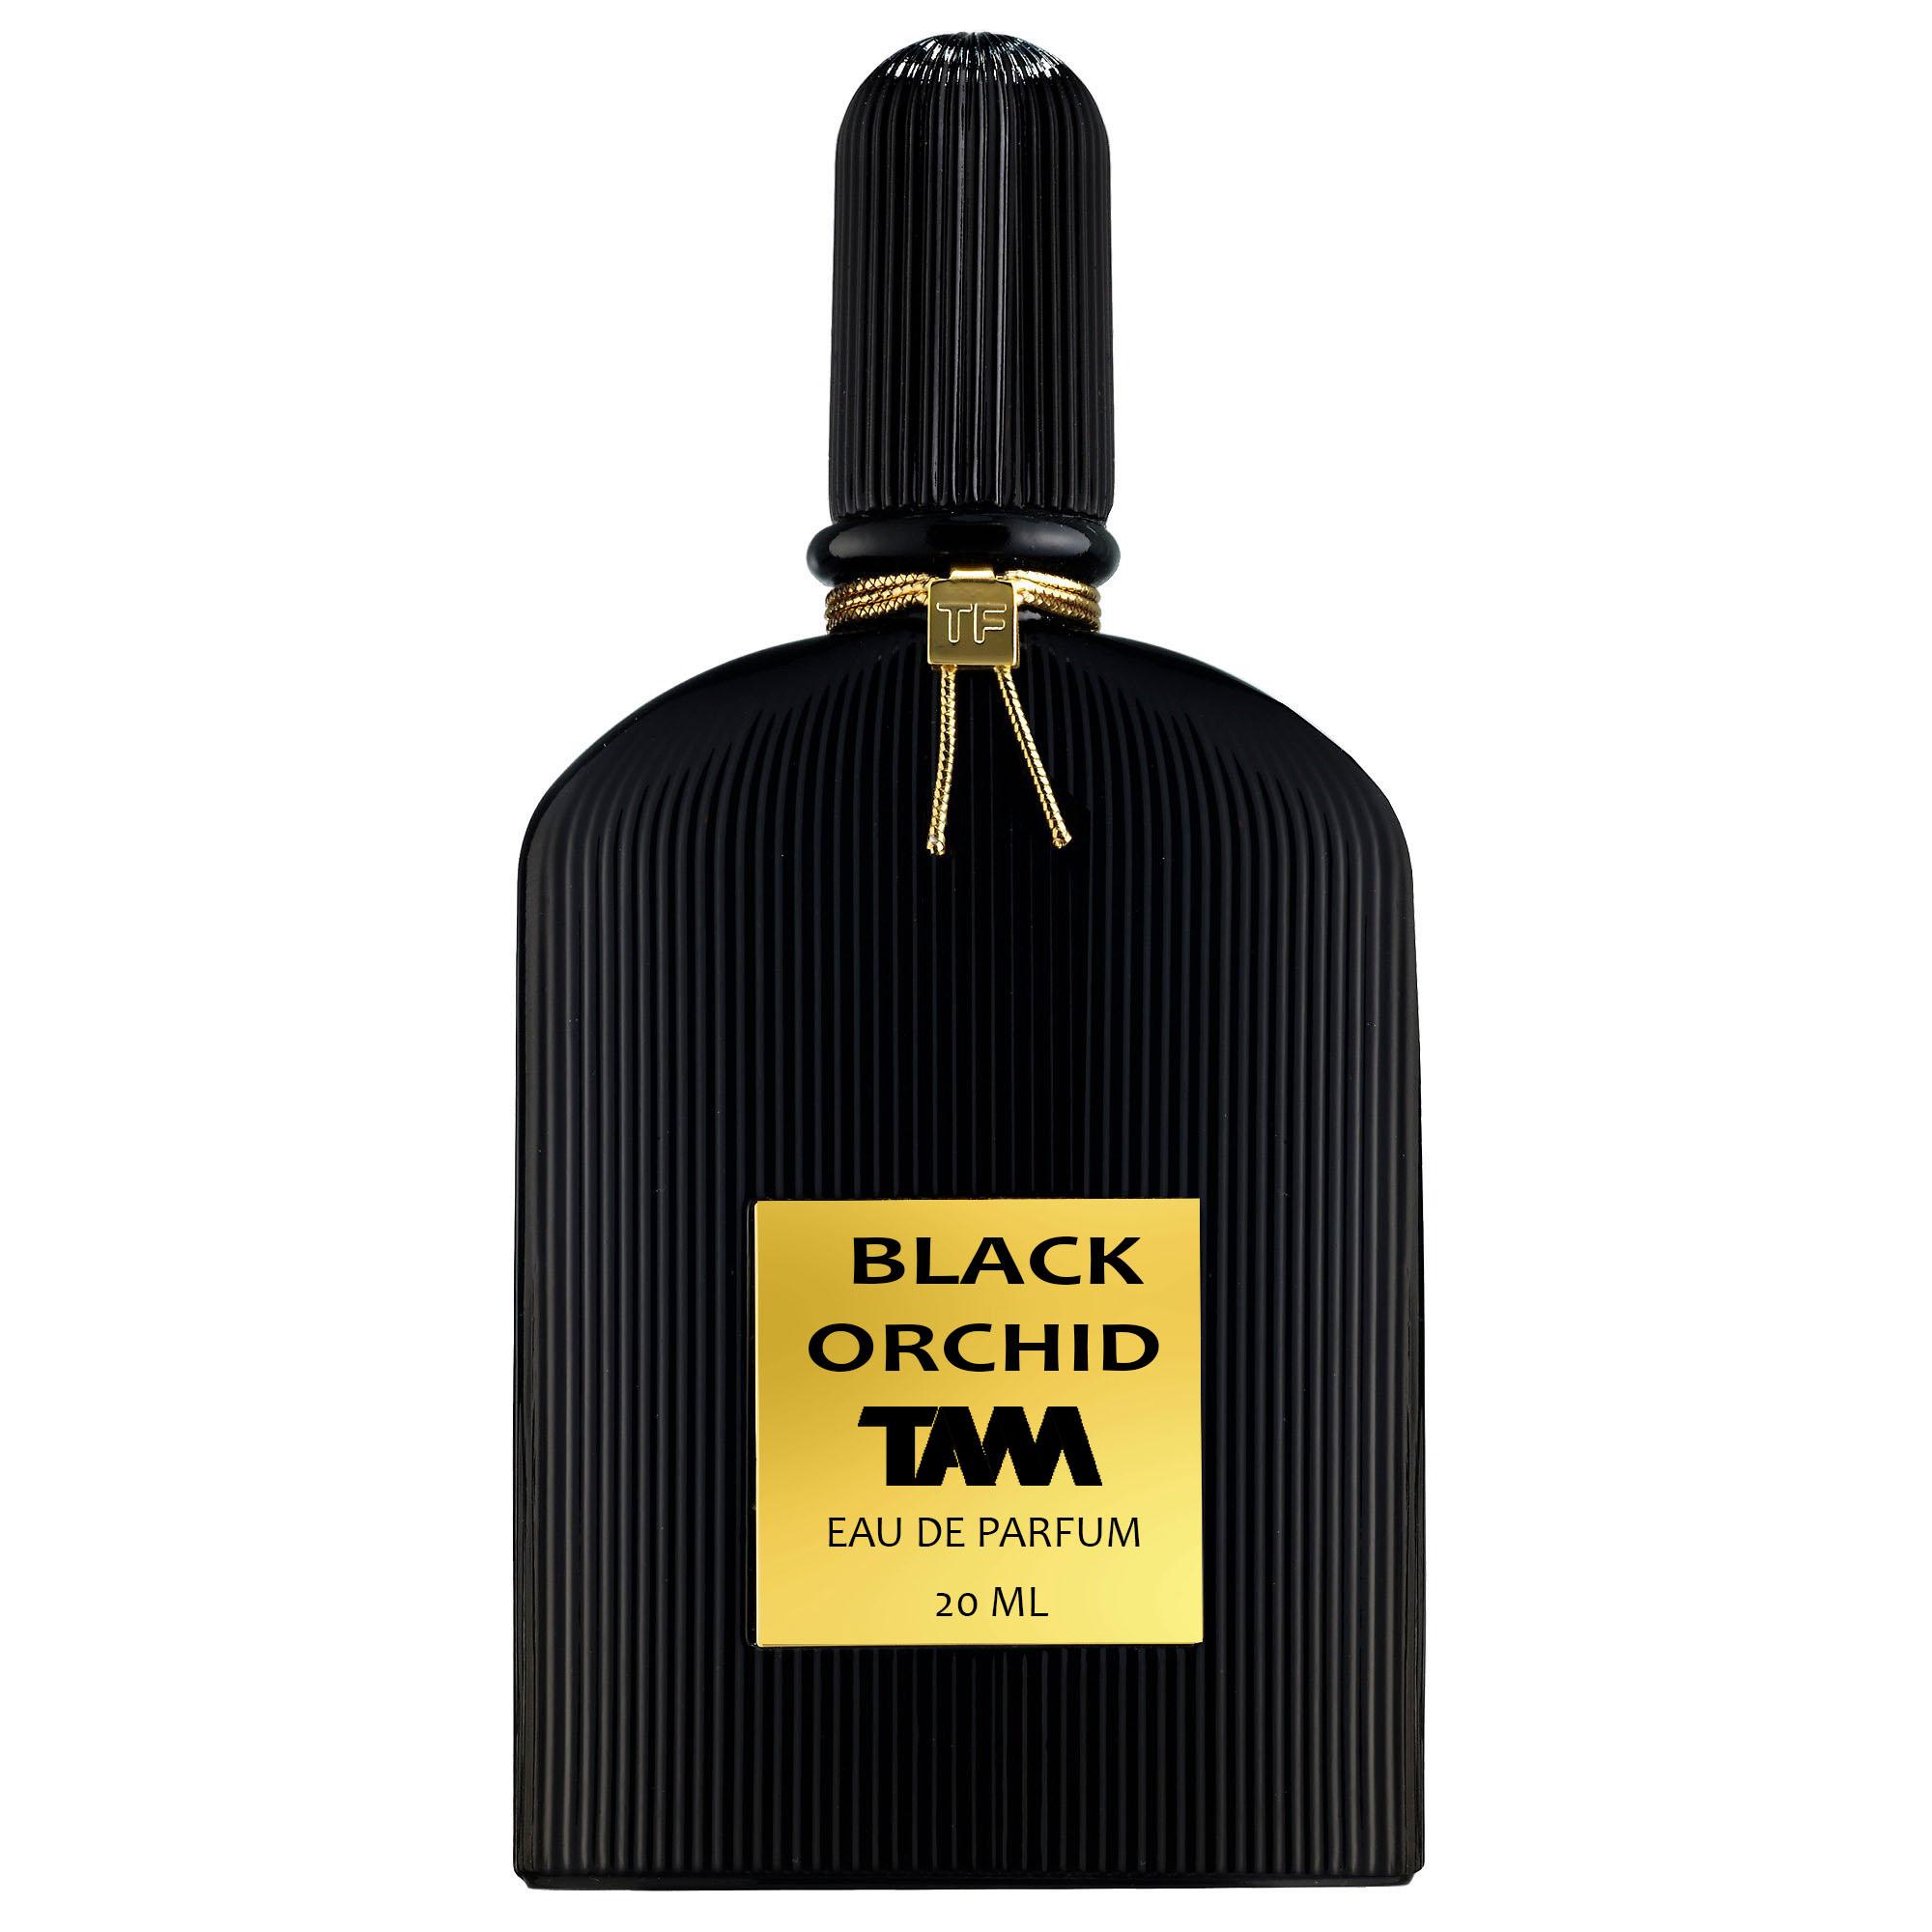 ادو پرفیوم زنانه تام مدل ارکیده سیاه حجم 20 میلی لیتر